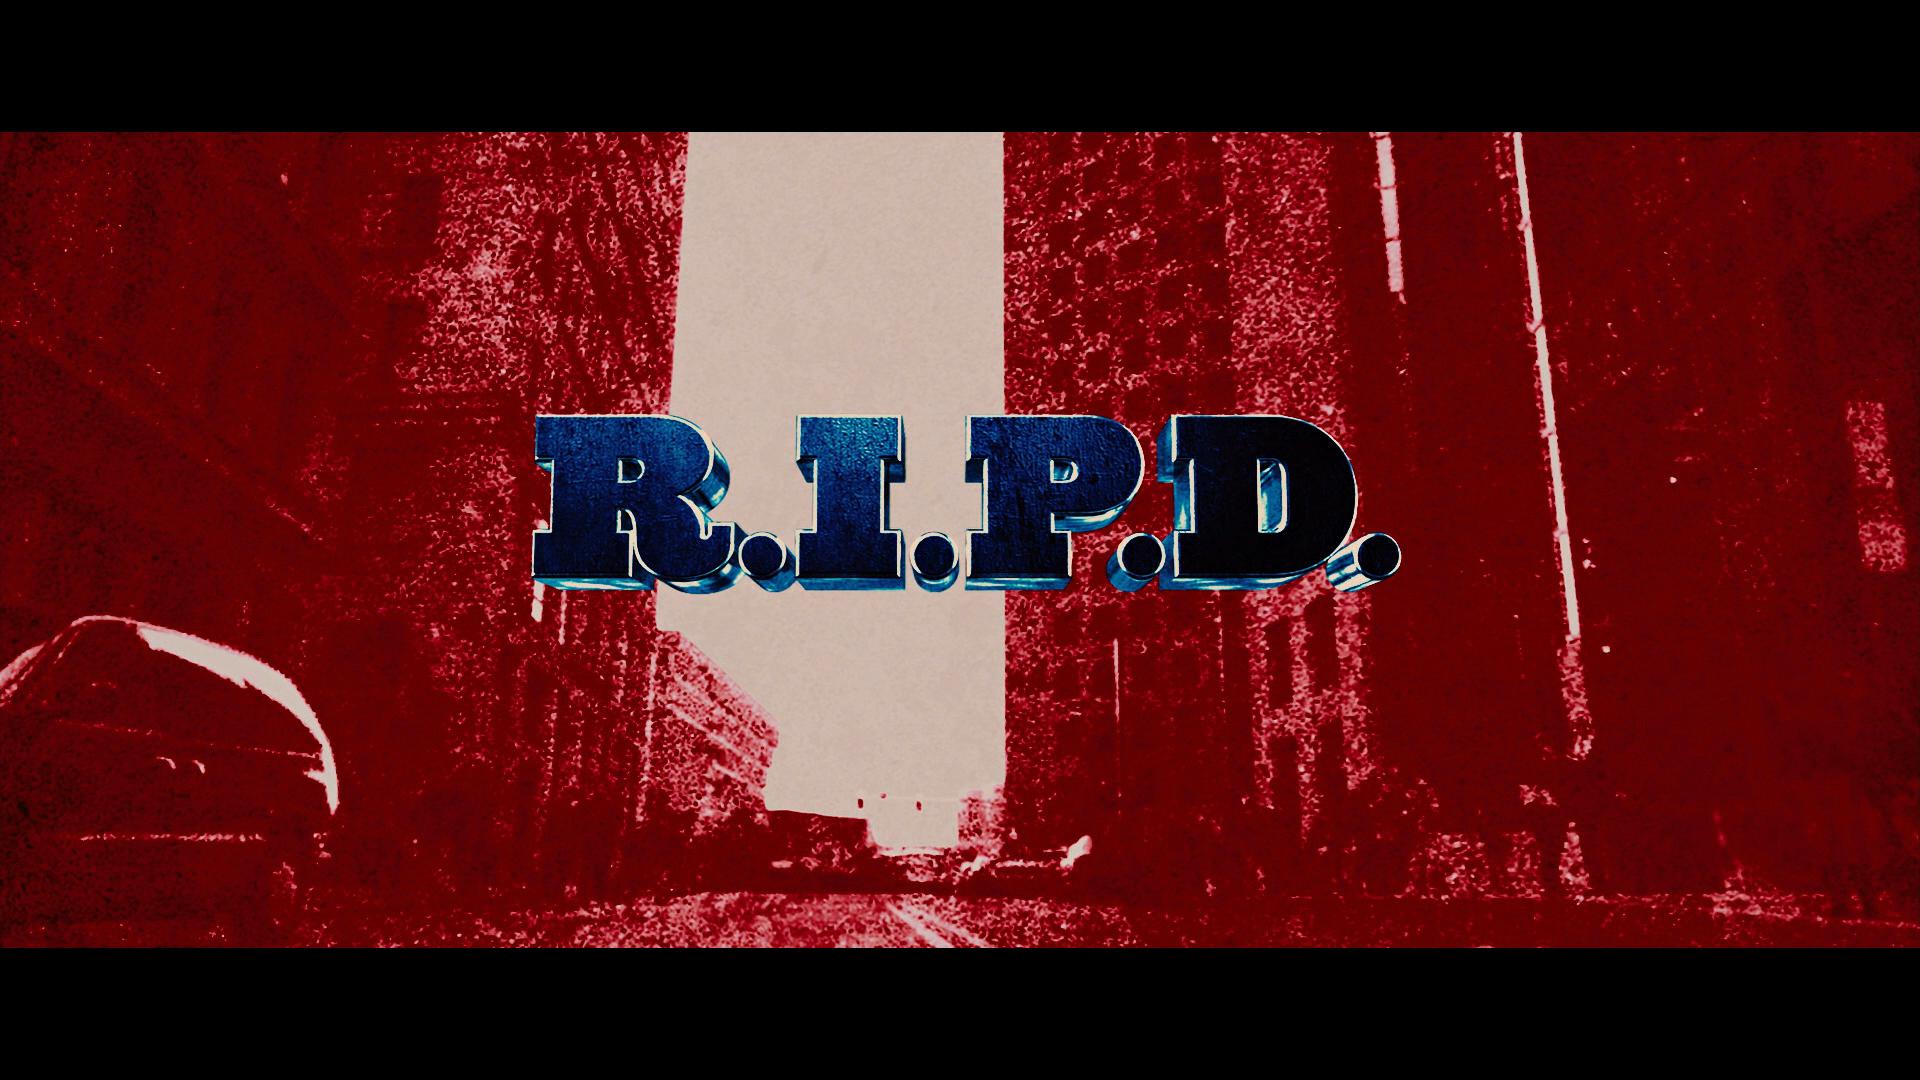 Призрачный патруль (2013) скачать торрент бесплатно.